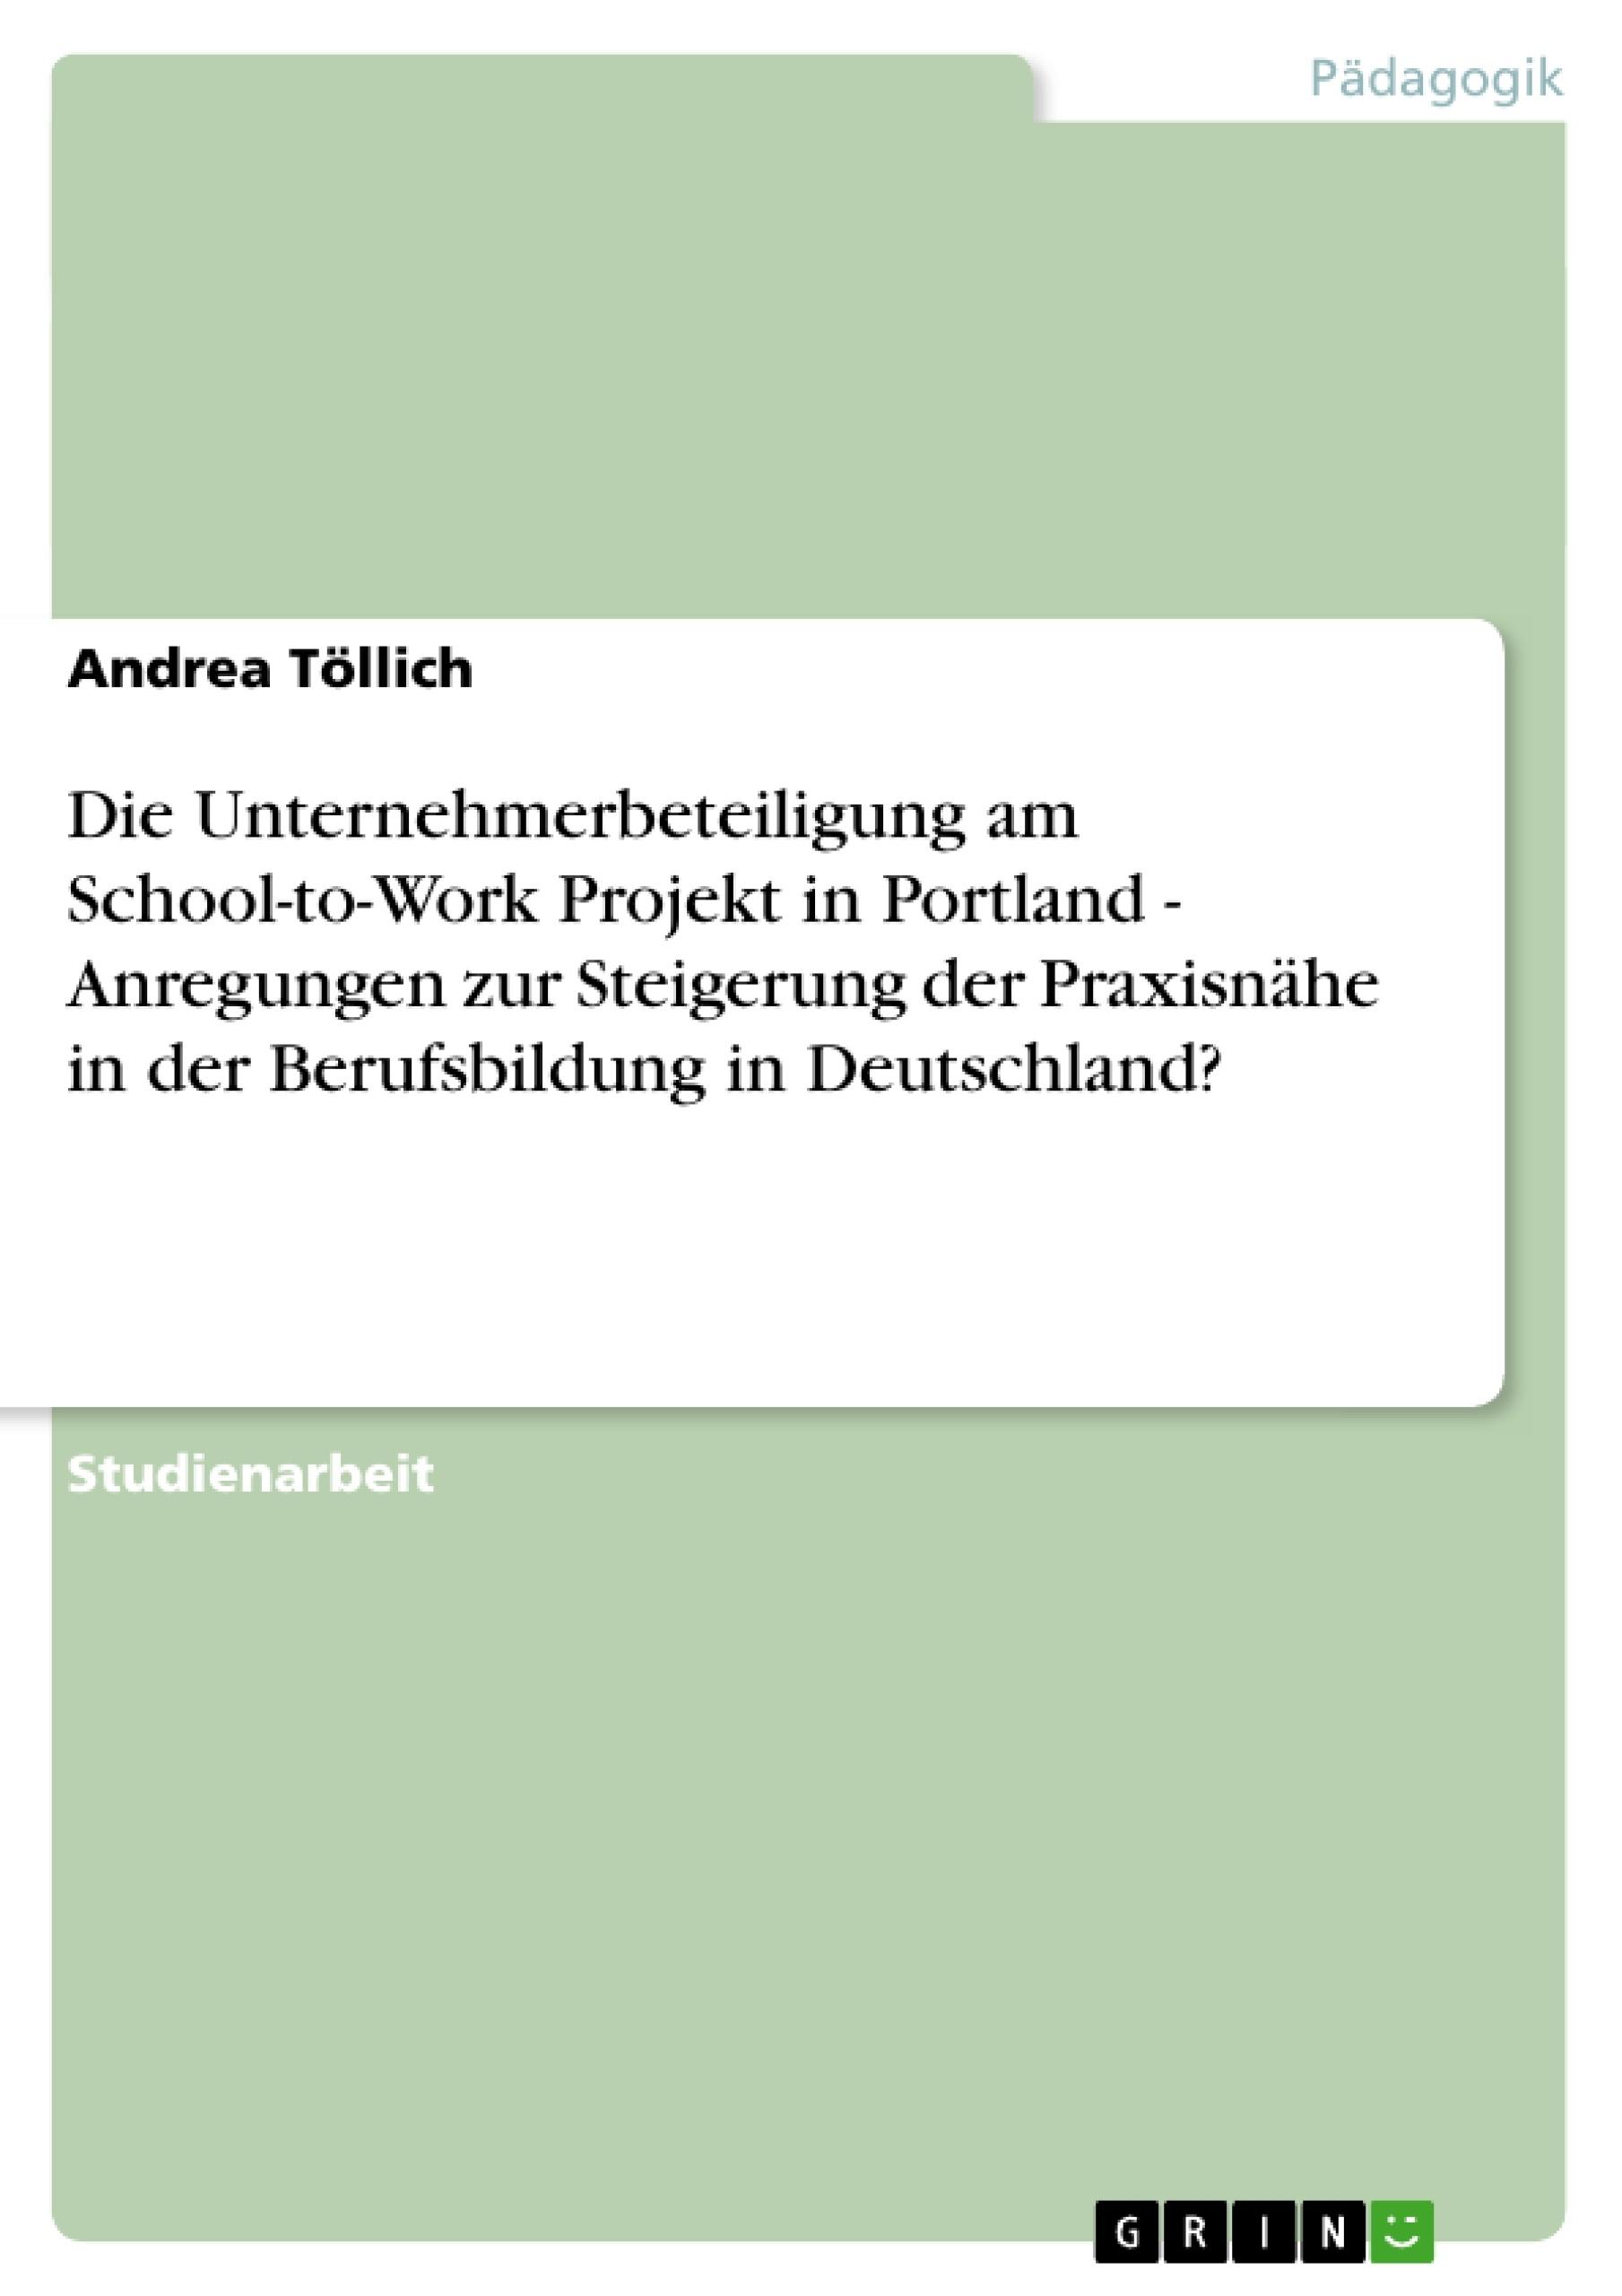 Titel: Die Unternehmerbeteiligung am School-to-Work Projekt in Portland - Anregungen zur Steigerung der Praxisnähe in der Berufsbildung in Deutschland?